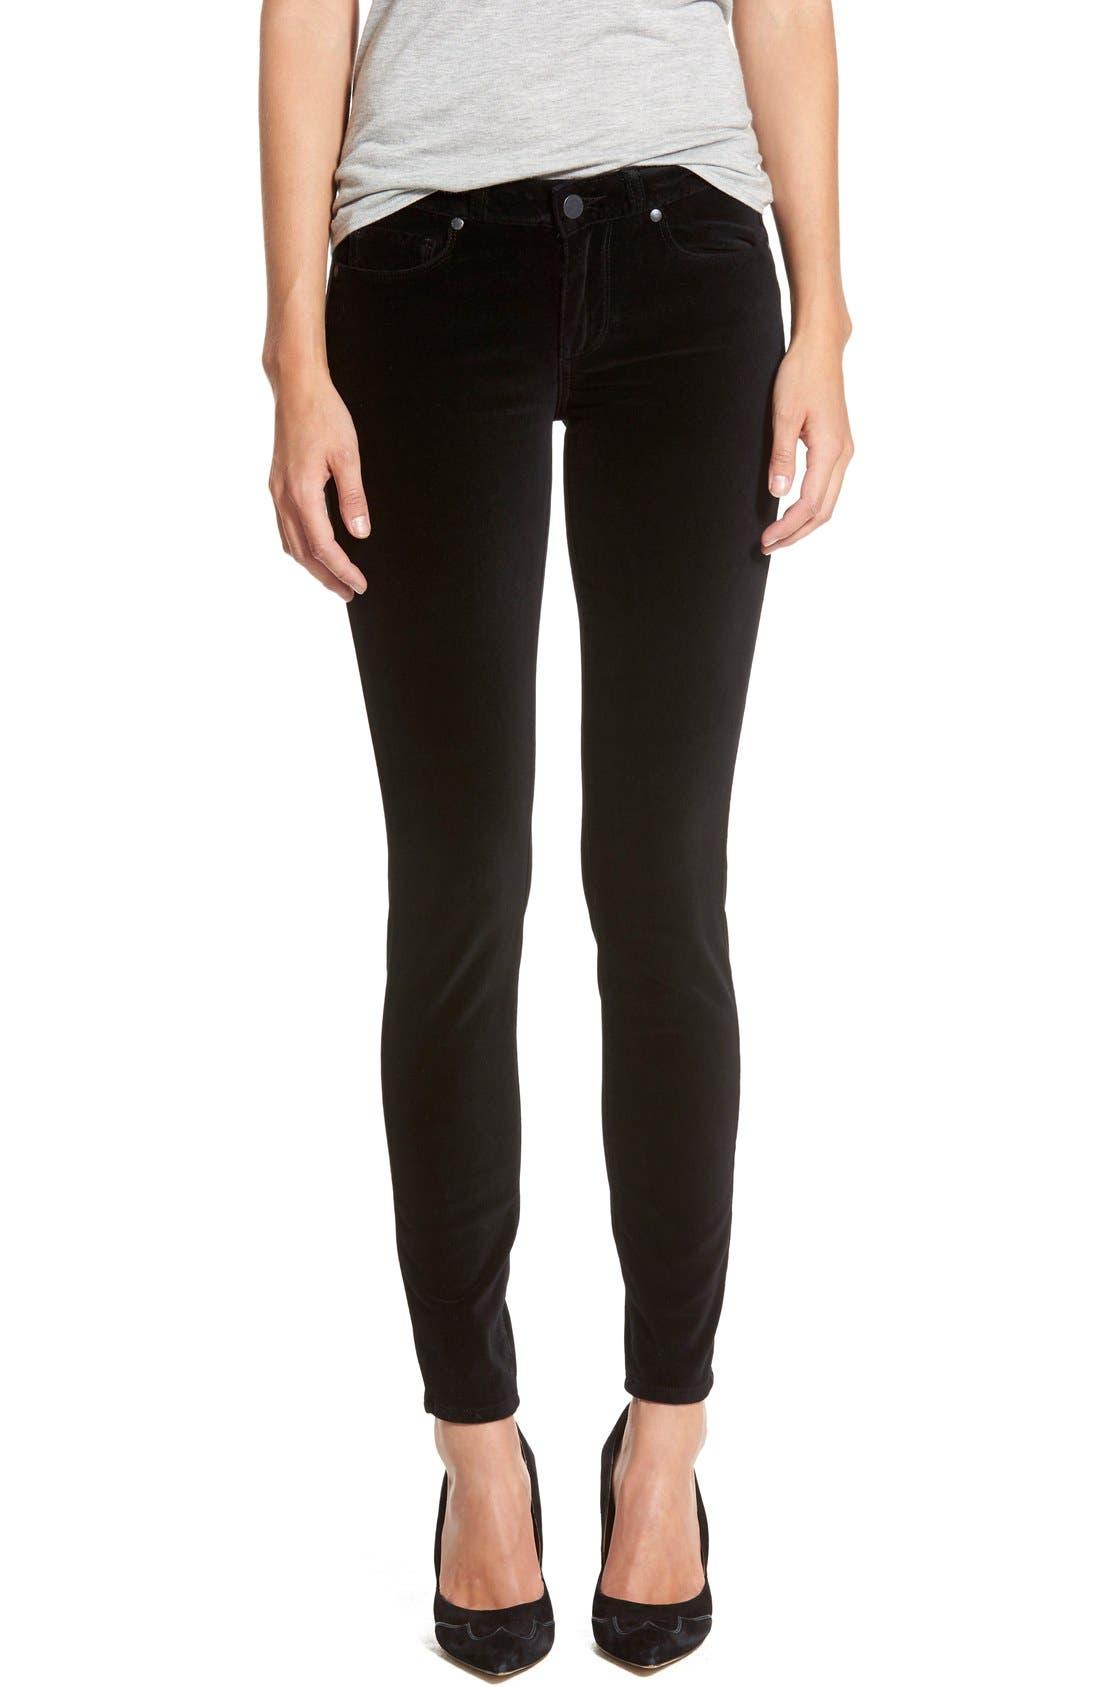 Alternate Image 1 Selected - Paige Denim 'Verdugo' Velvet Skinny Jeans